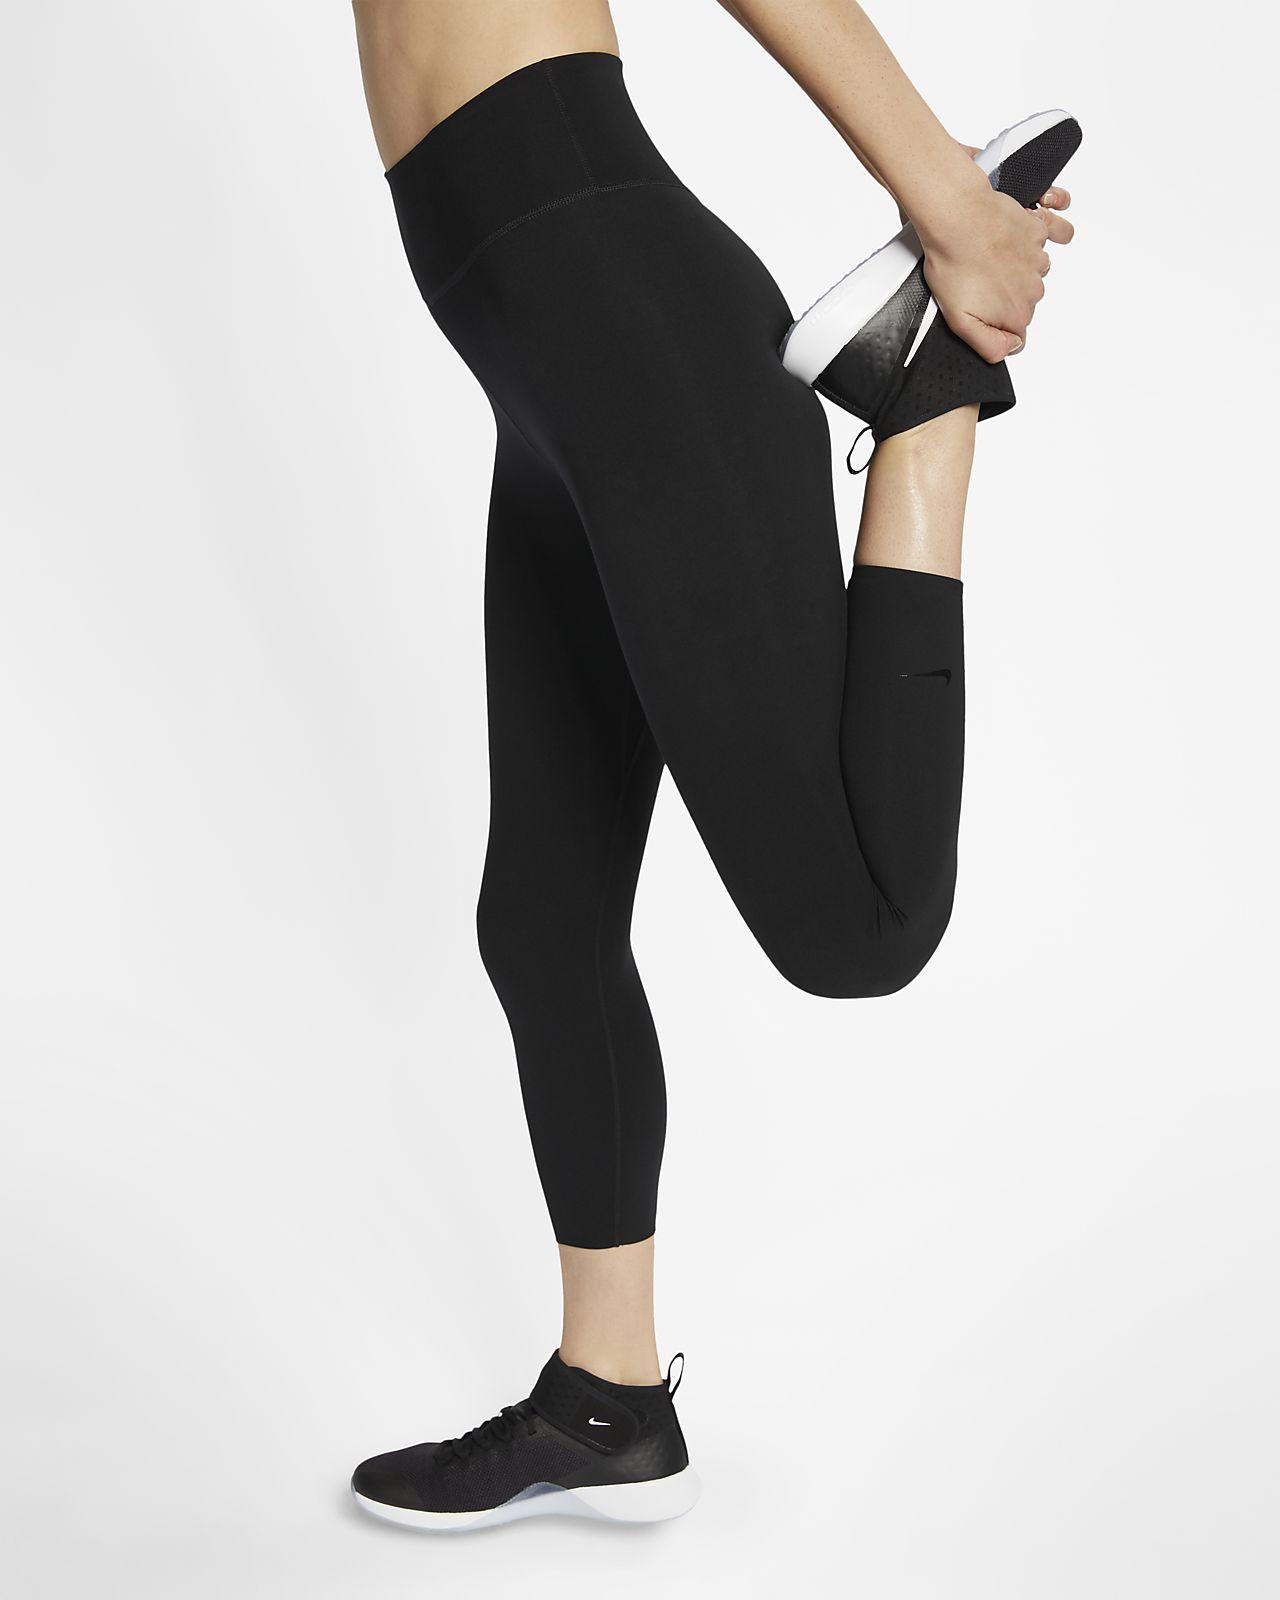 Leggings ridotti Nike One Luxe - Donna